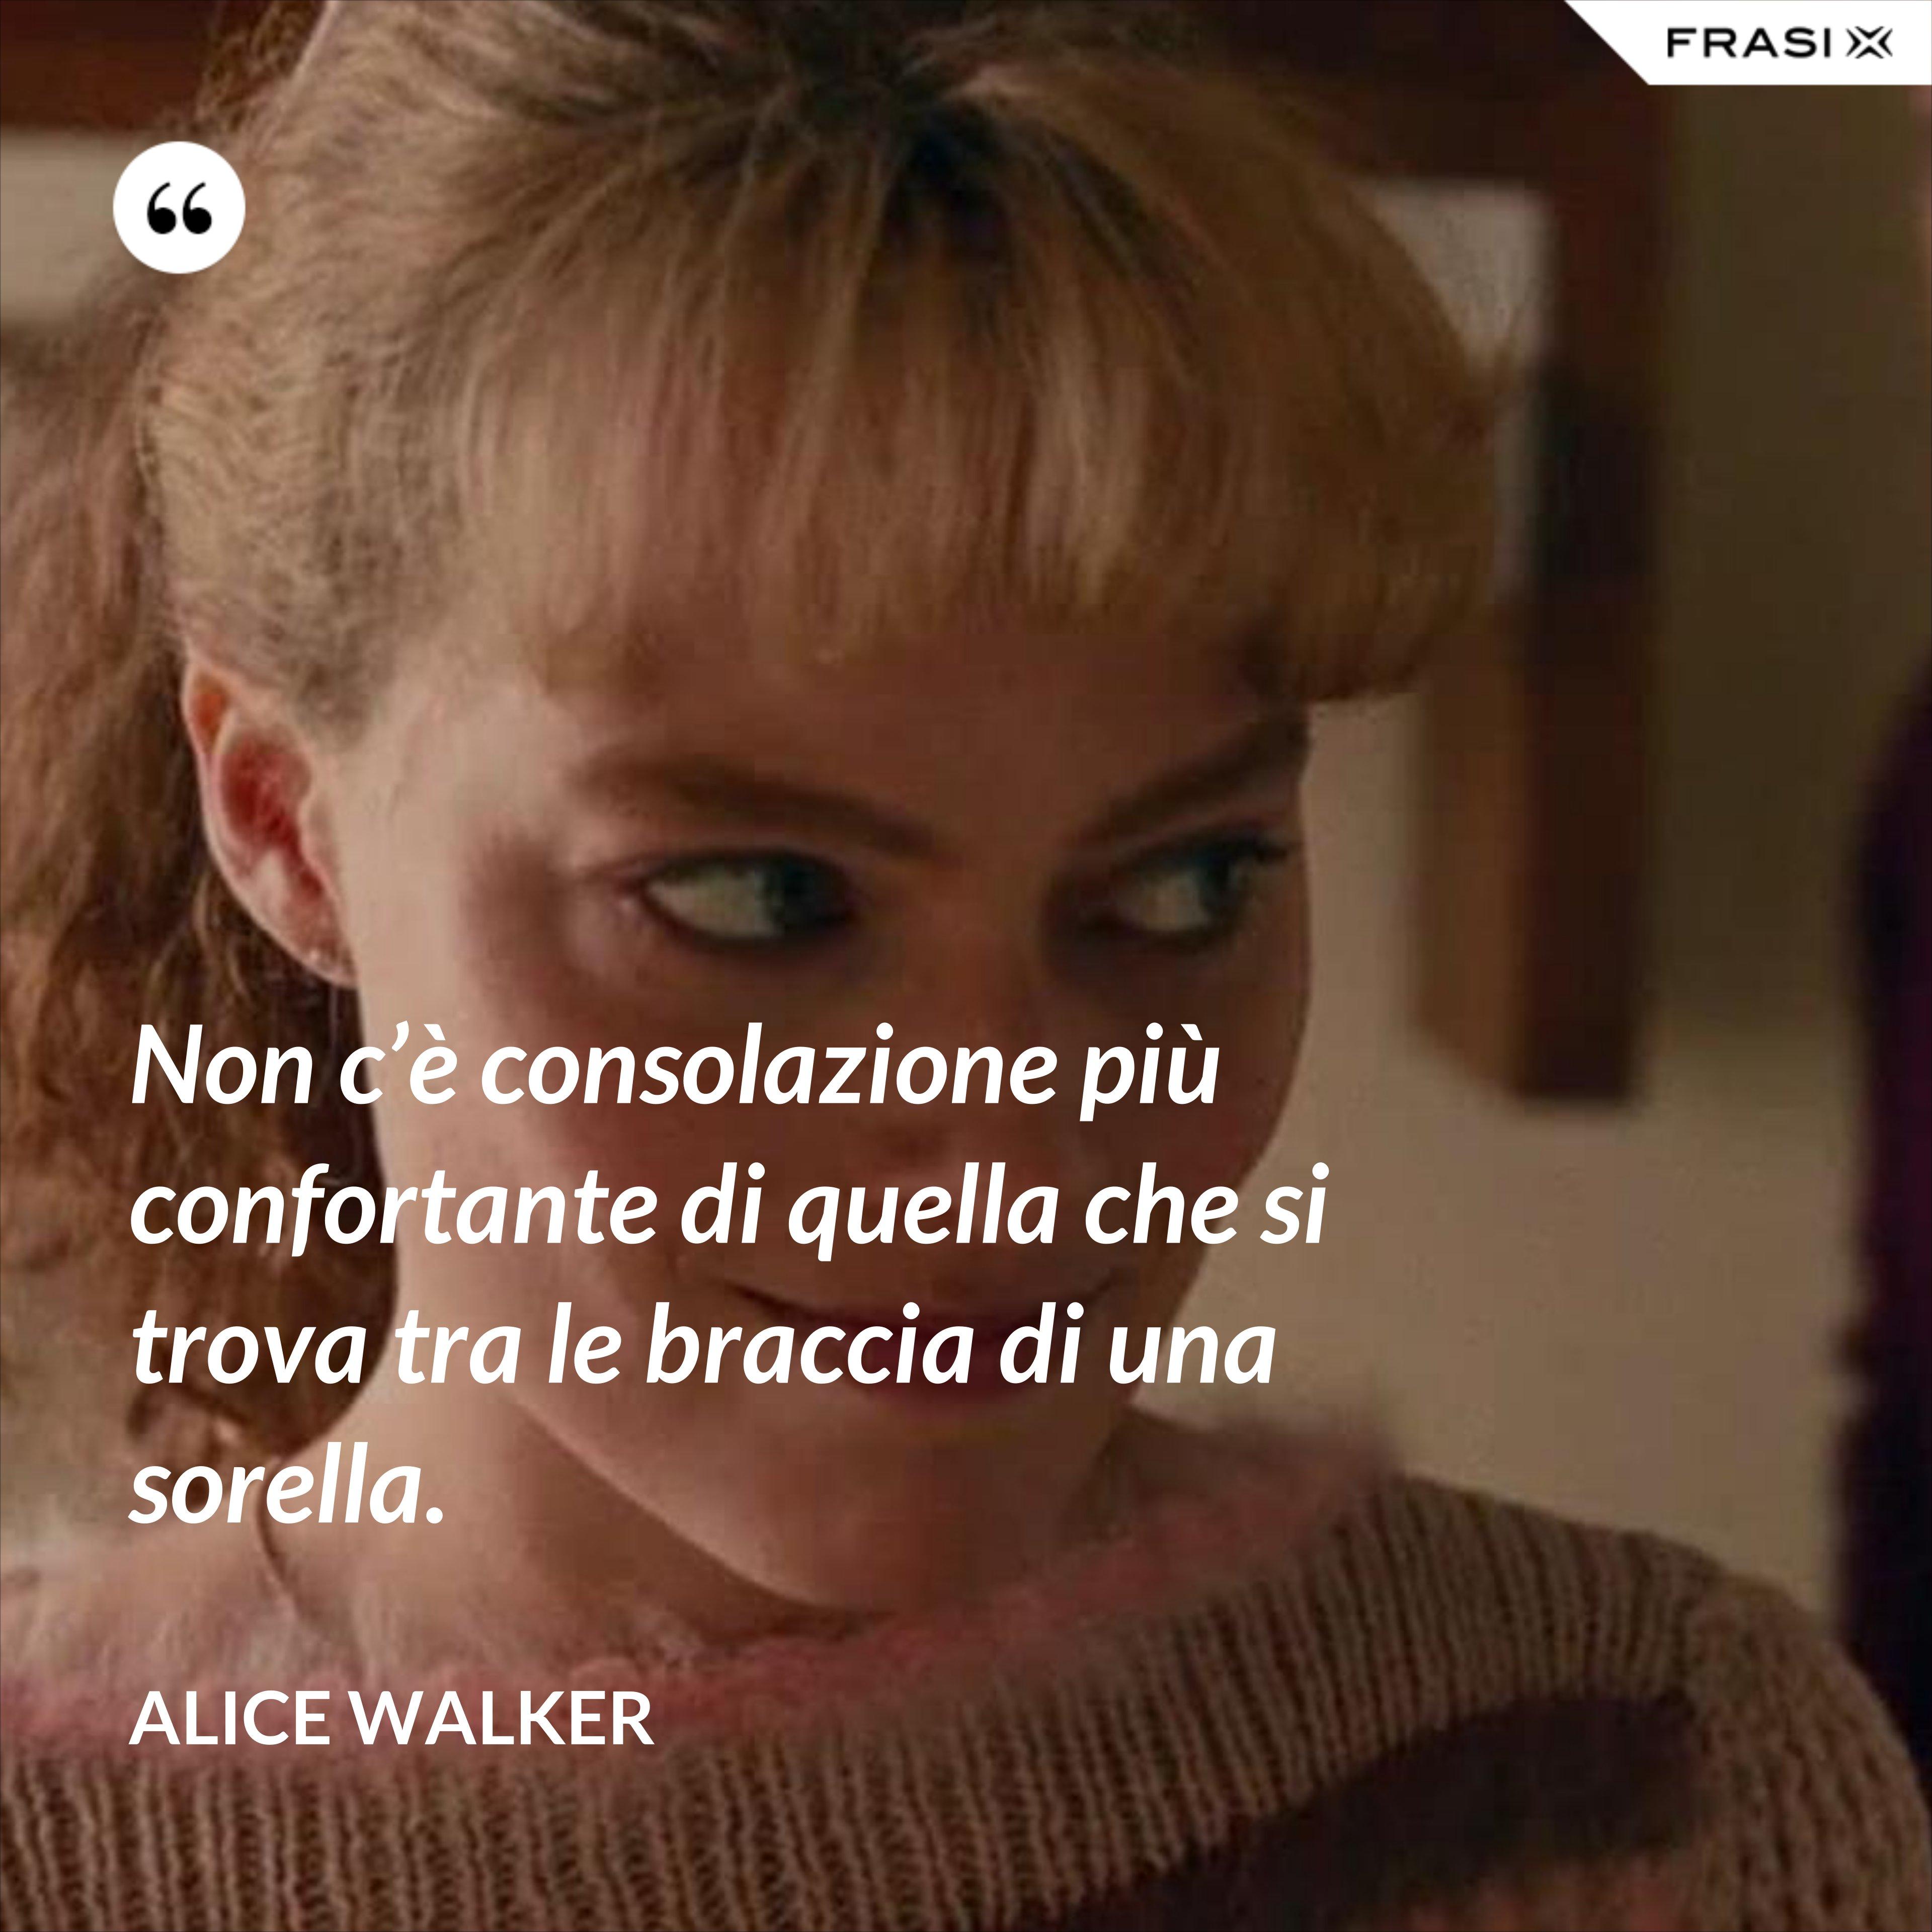 Non c'è consolazione più confortante di quella che si trova tra le braccia di una sorella. - Alice Walker